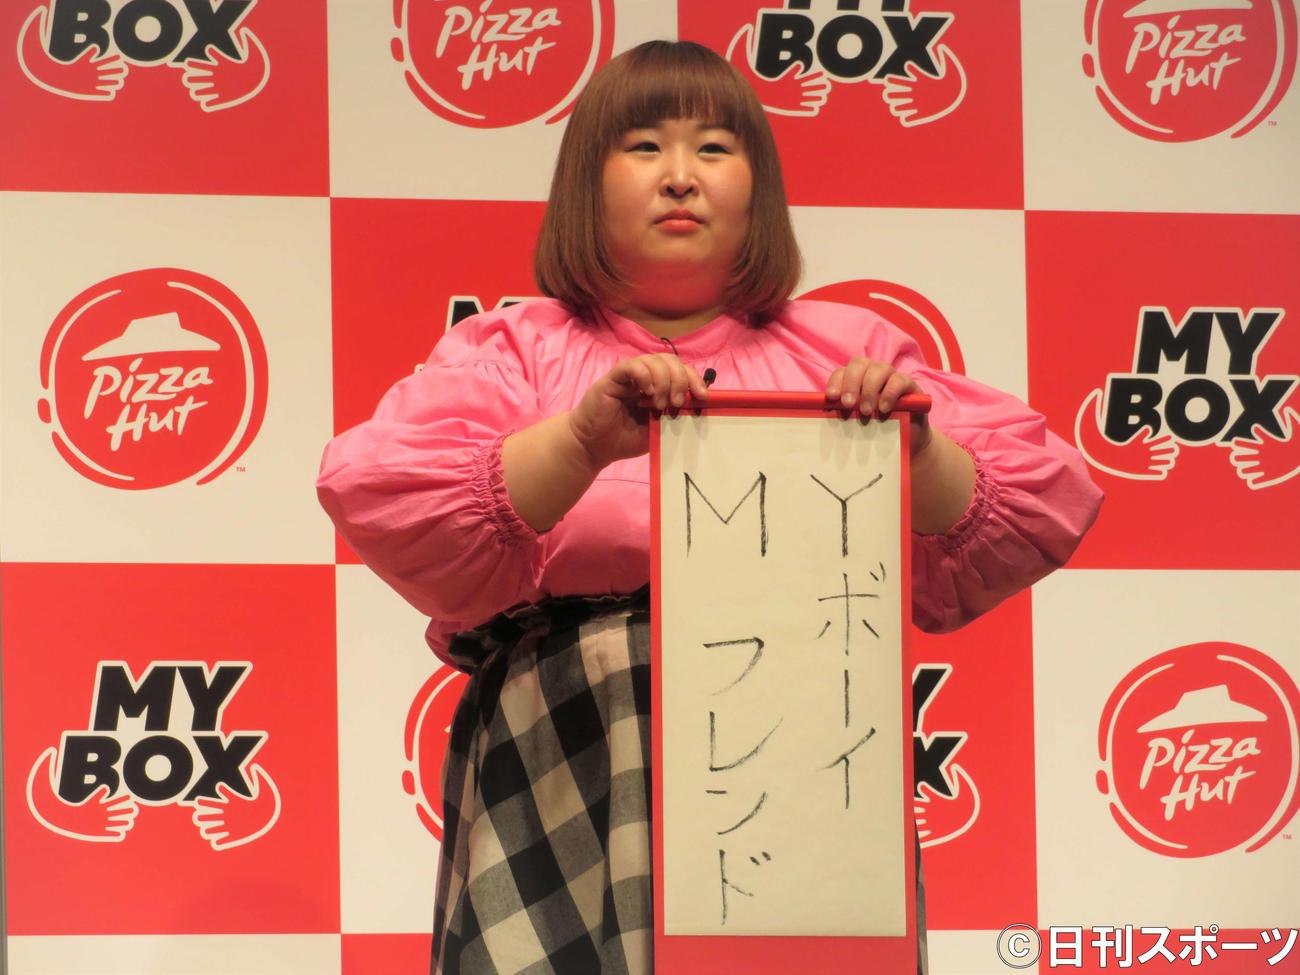 「ピザハット」が展開するおひとりさま専用のピザセット「MY BOX」の発売記念イベントに出席したかなで(撮影・三須佳夏)